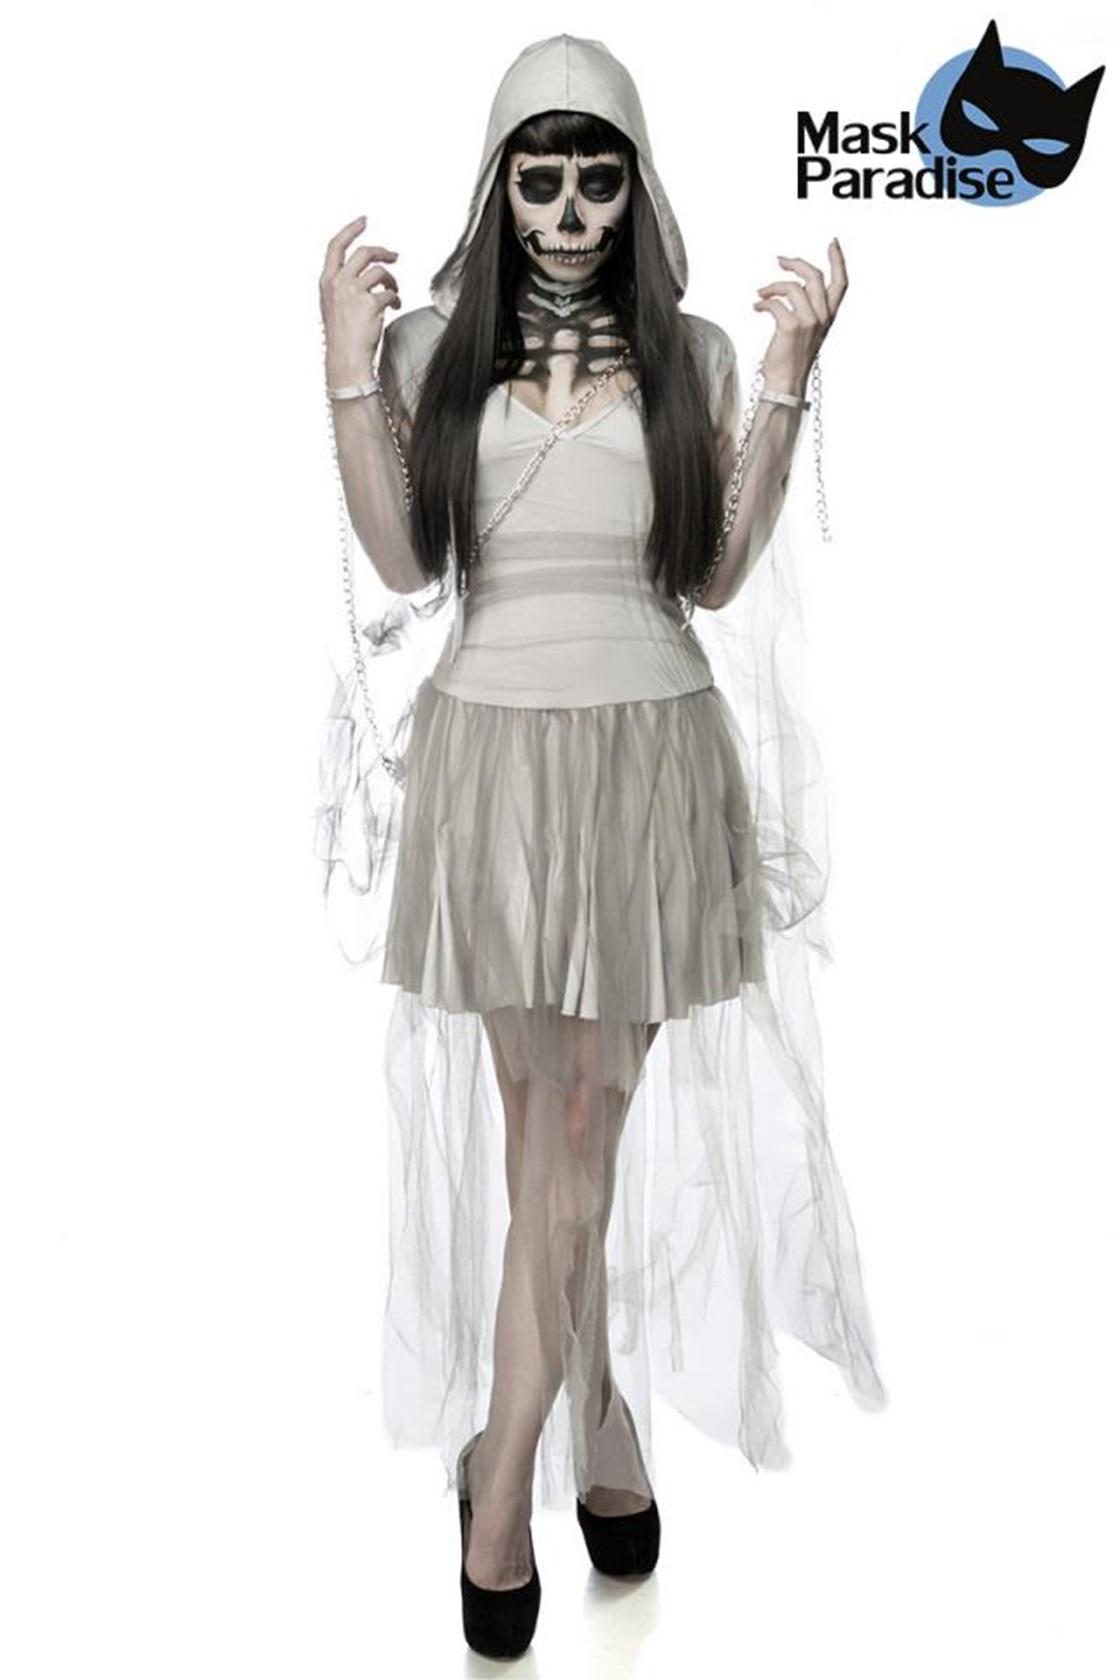 80011 Geisterkostüm Skeleton Ghost von MASK PARADISE